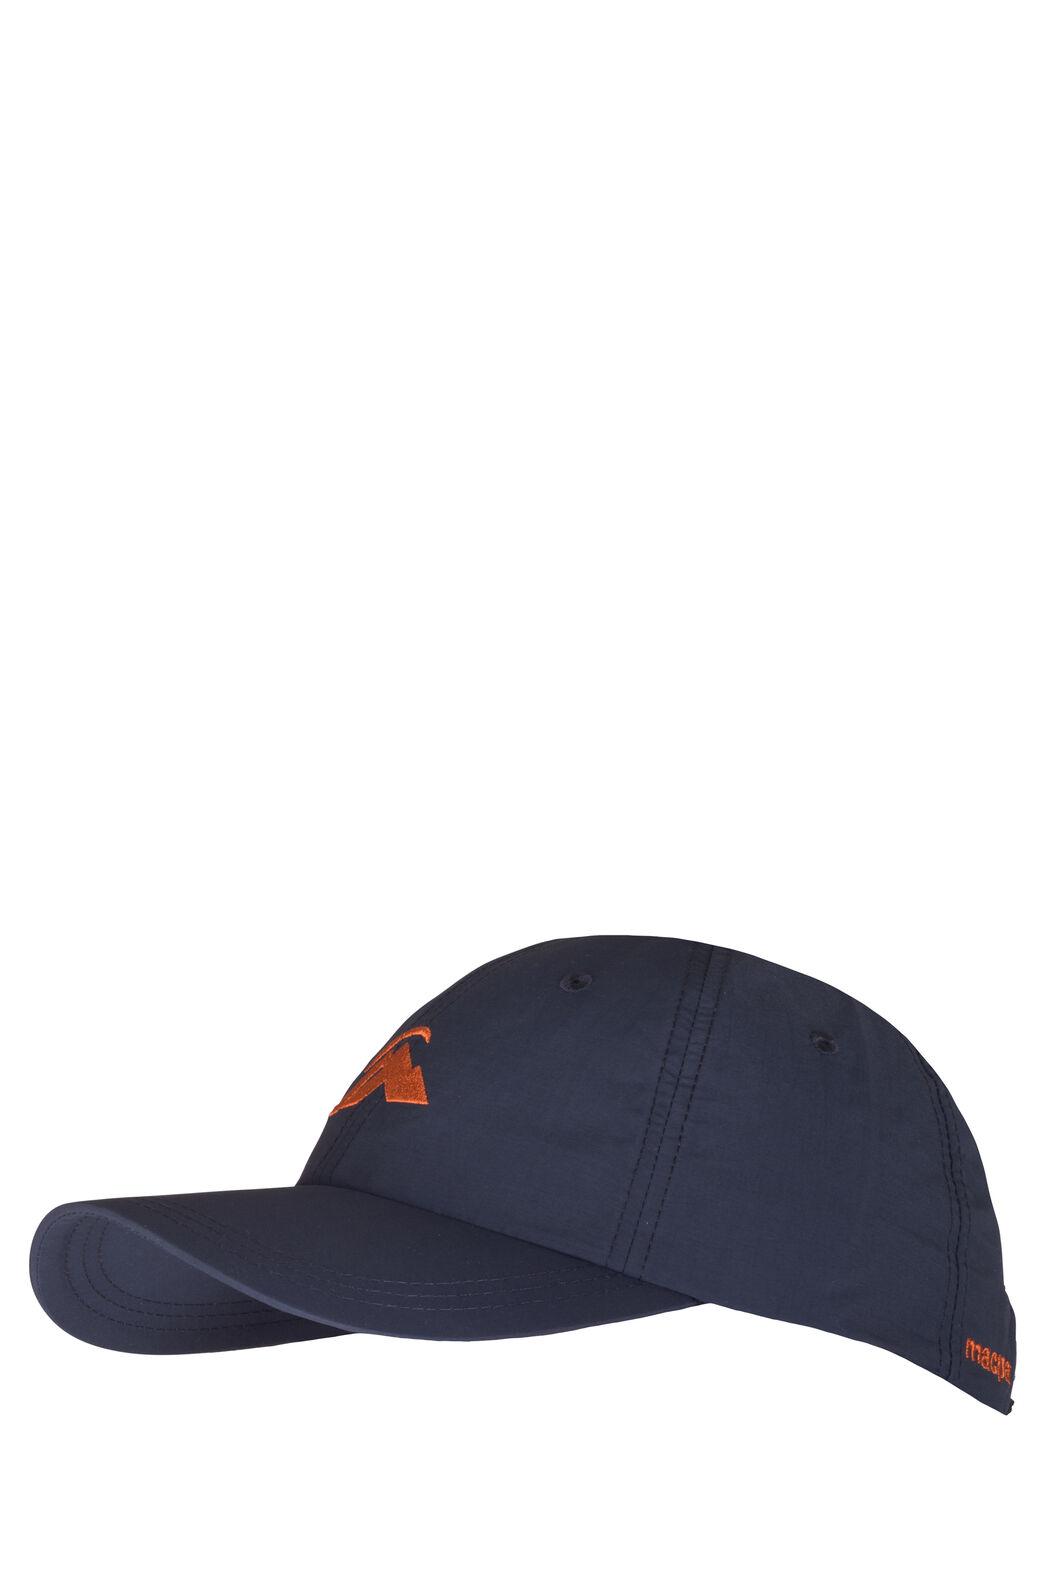 Macpac Hiker Cap, Black Iris/Burnt Orange, hi-res